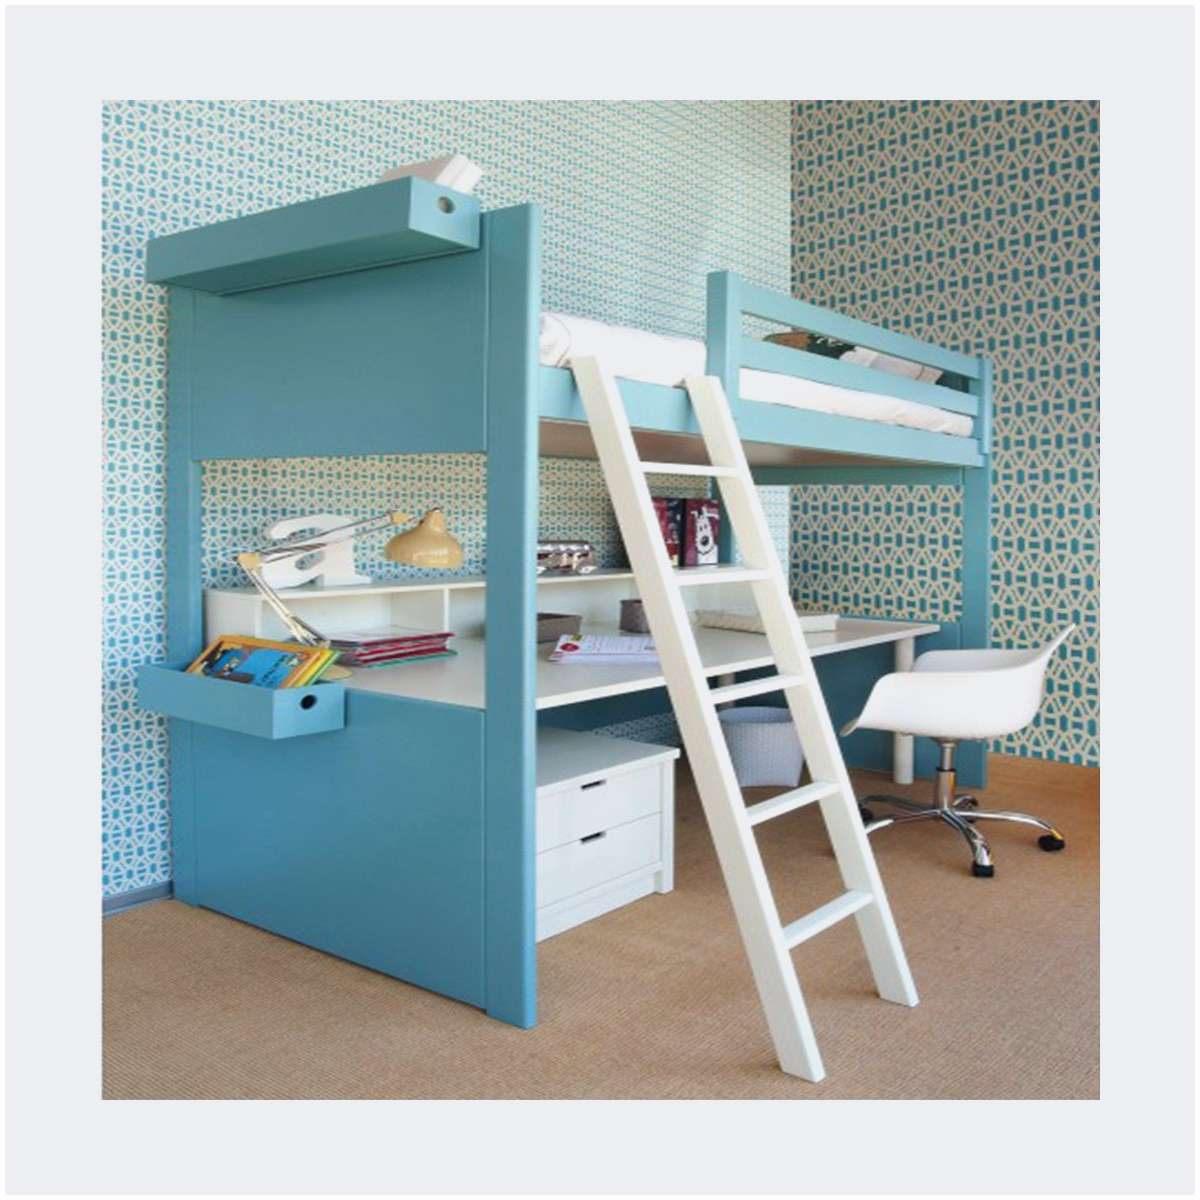 Lit Mezzanine 2 Places Avec Bureau Impressionnant Beau Lit Mezzanine Pour Ado Lit Bureau Frais Bureau 2 Places Beau